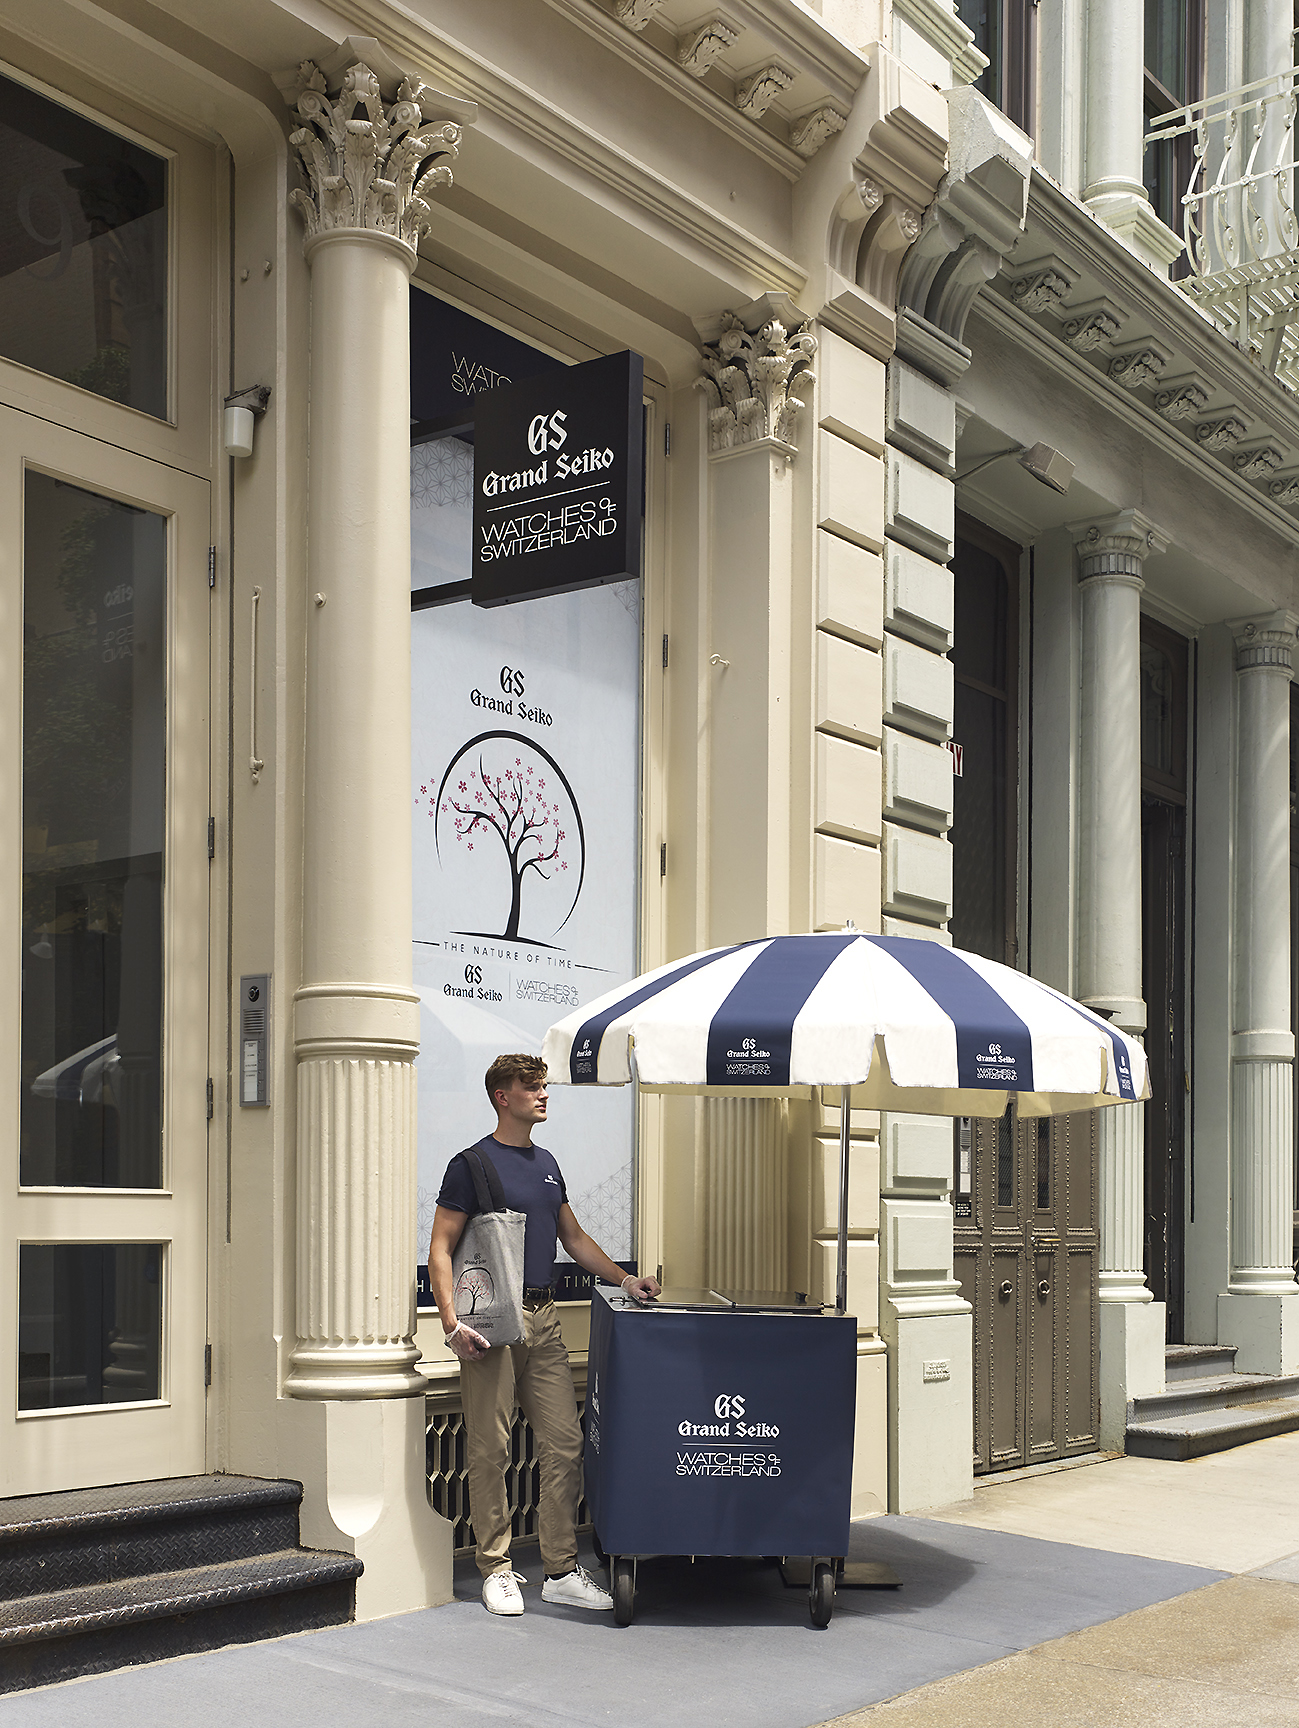 Grand Seiko SoHo 119 Spring Street Storefront